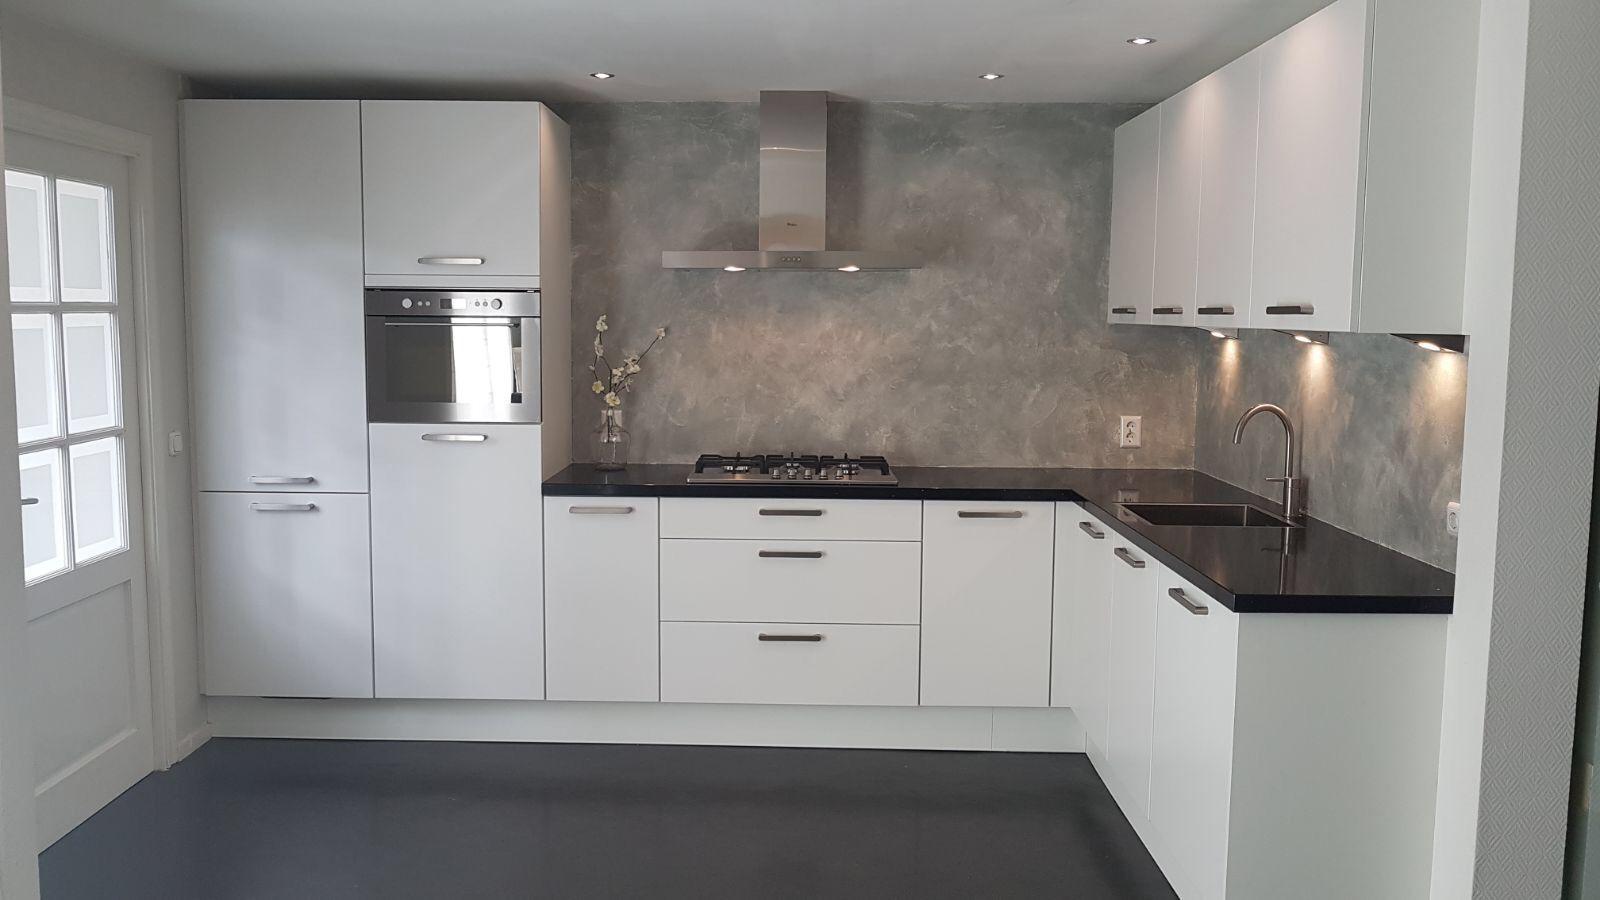 Zwart witte keuken met betonlook achterwand en keukenblad van